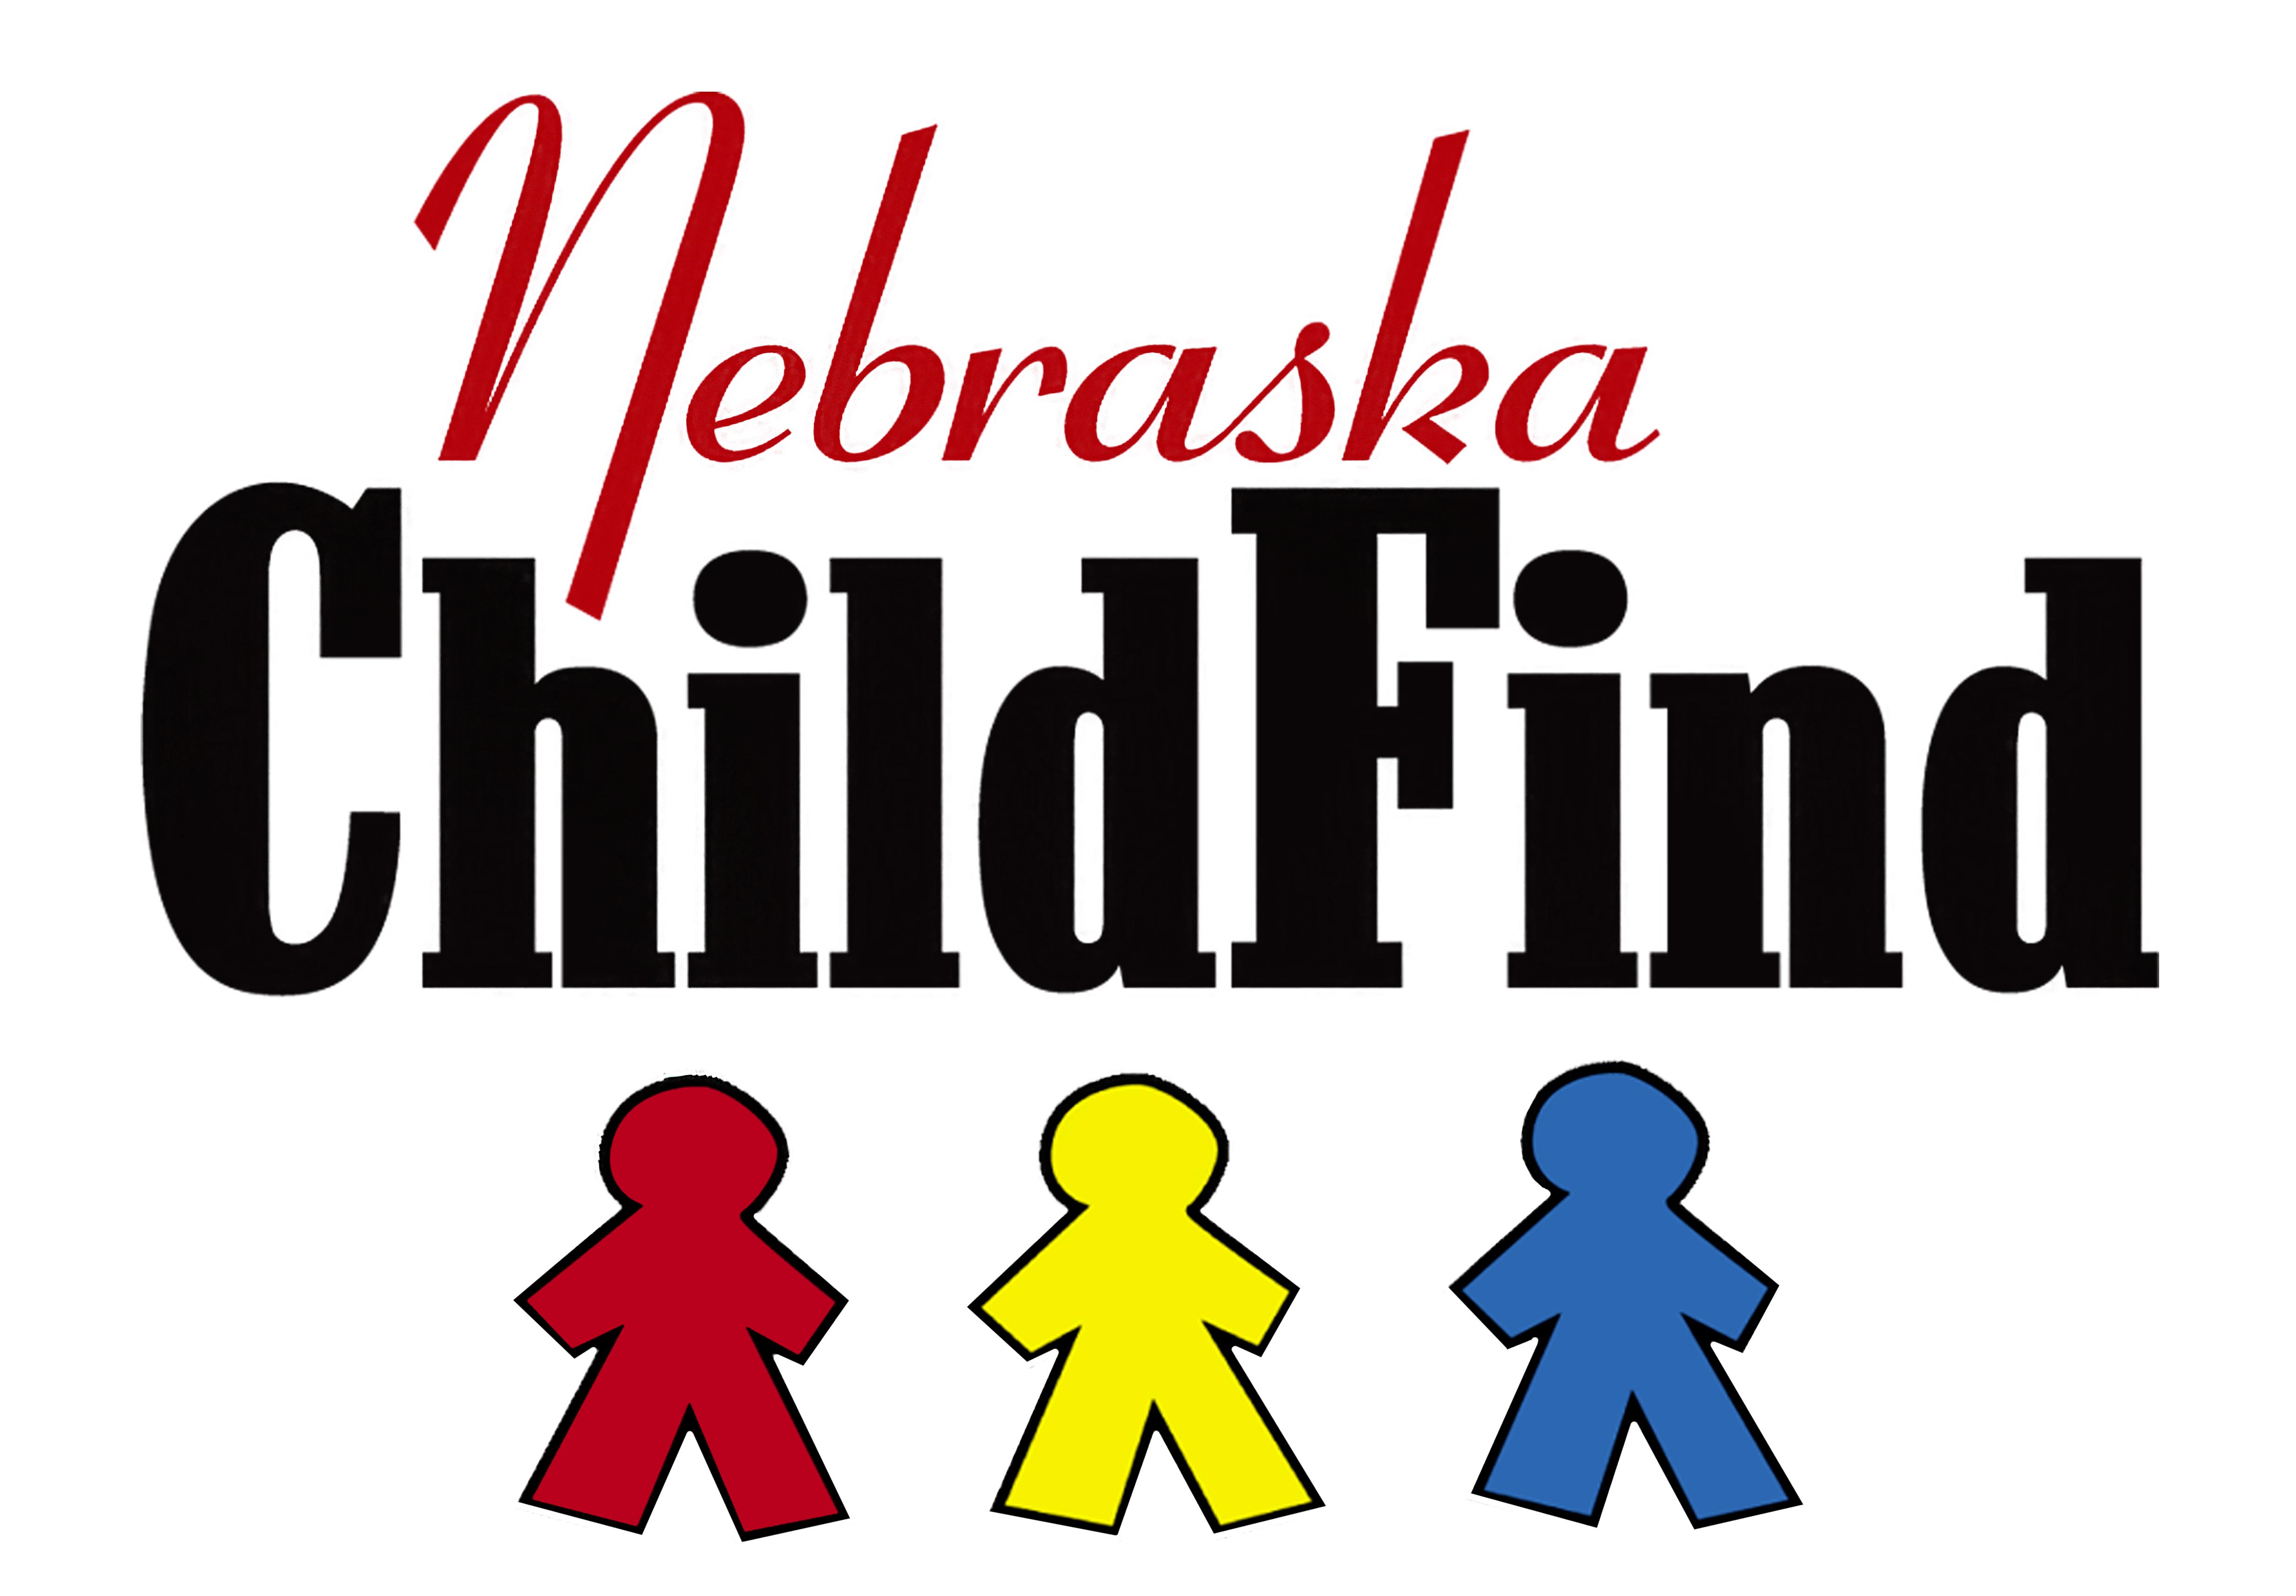 Nebraska ChildFind